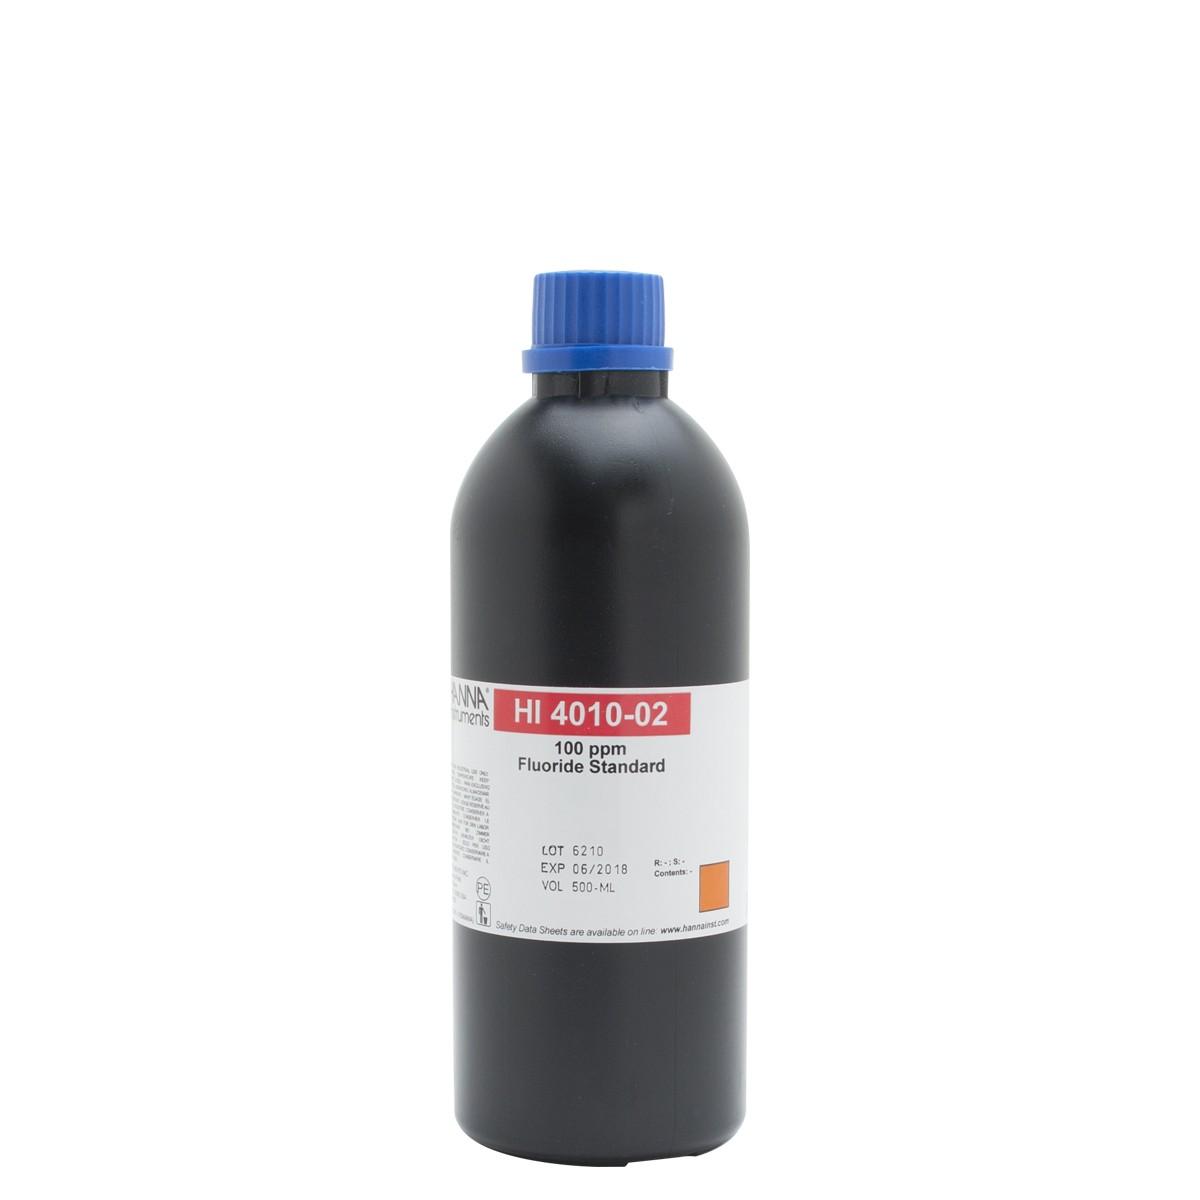 Solución Estándar de Fluoruro de 100 ppm para ISE - HI4010-02